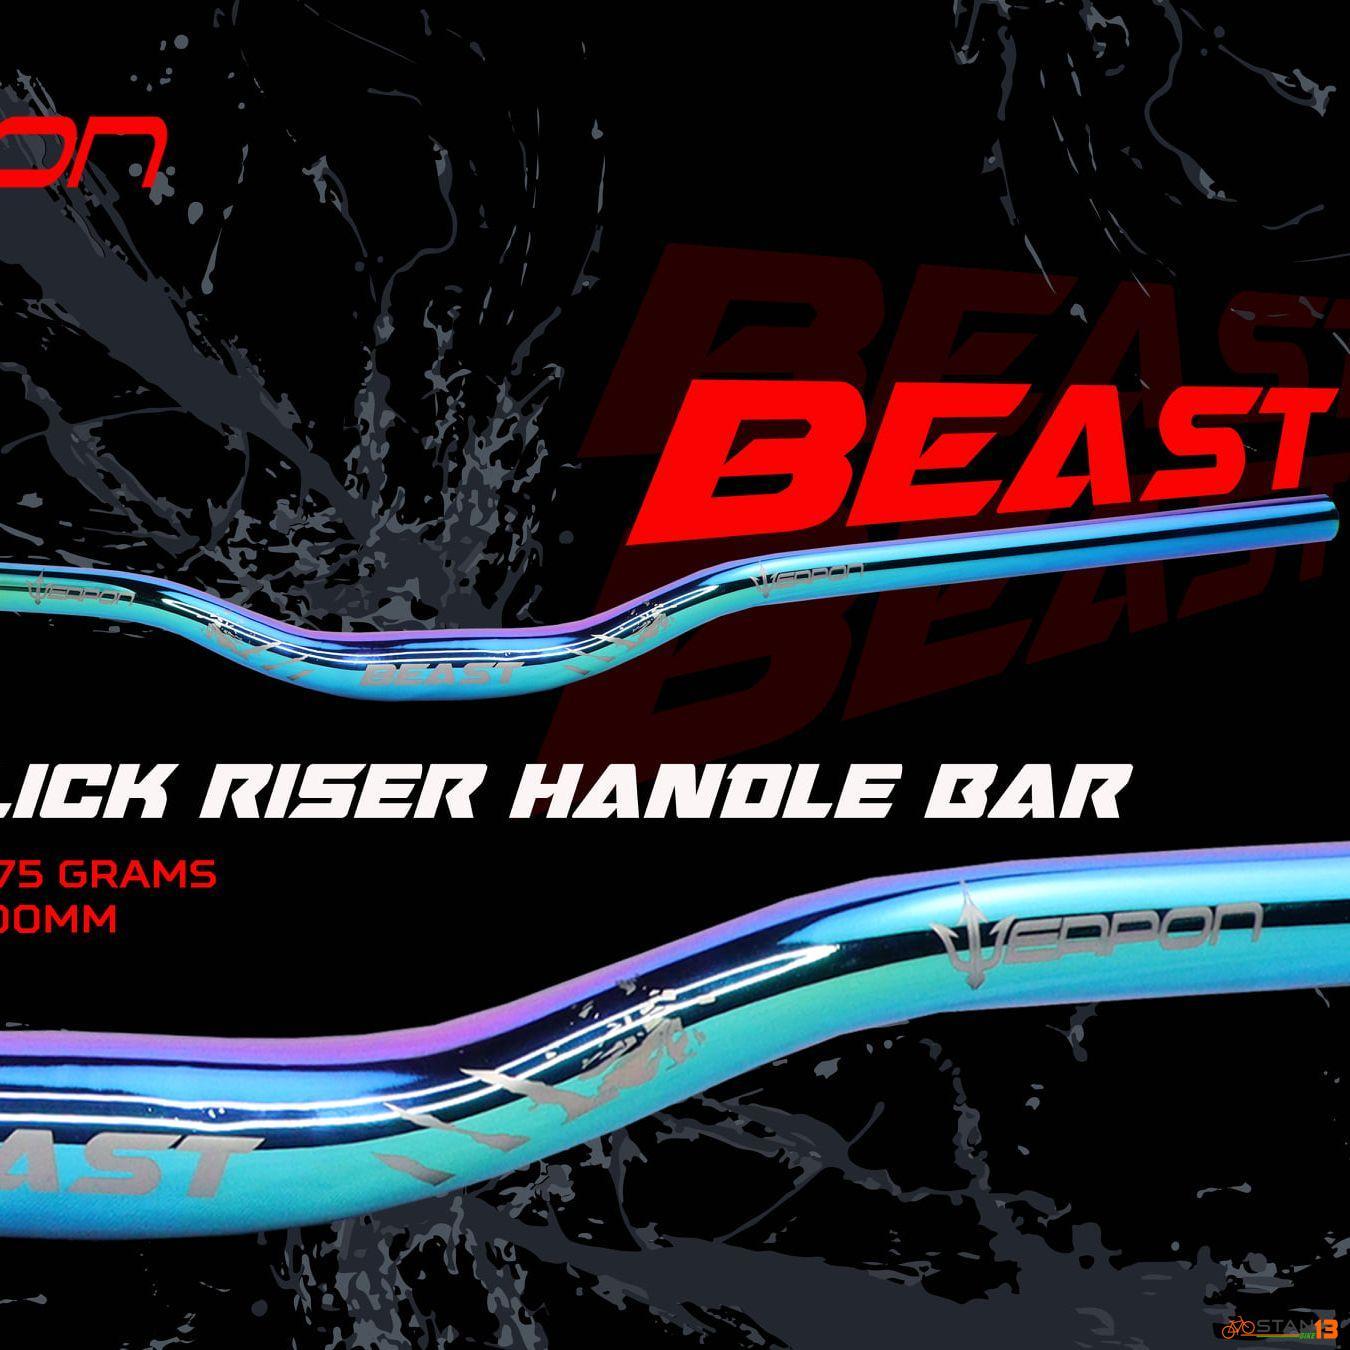 Handlebar Weapon Beast Oil Slick Riser Bar 800mm